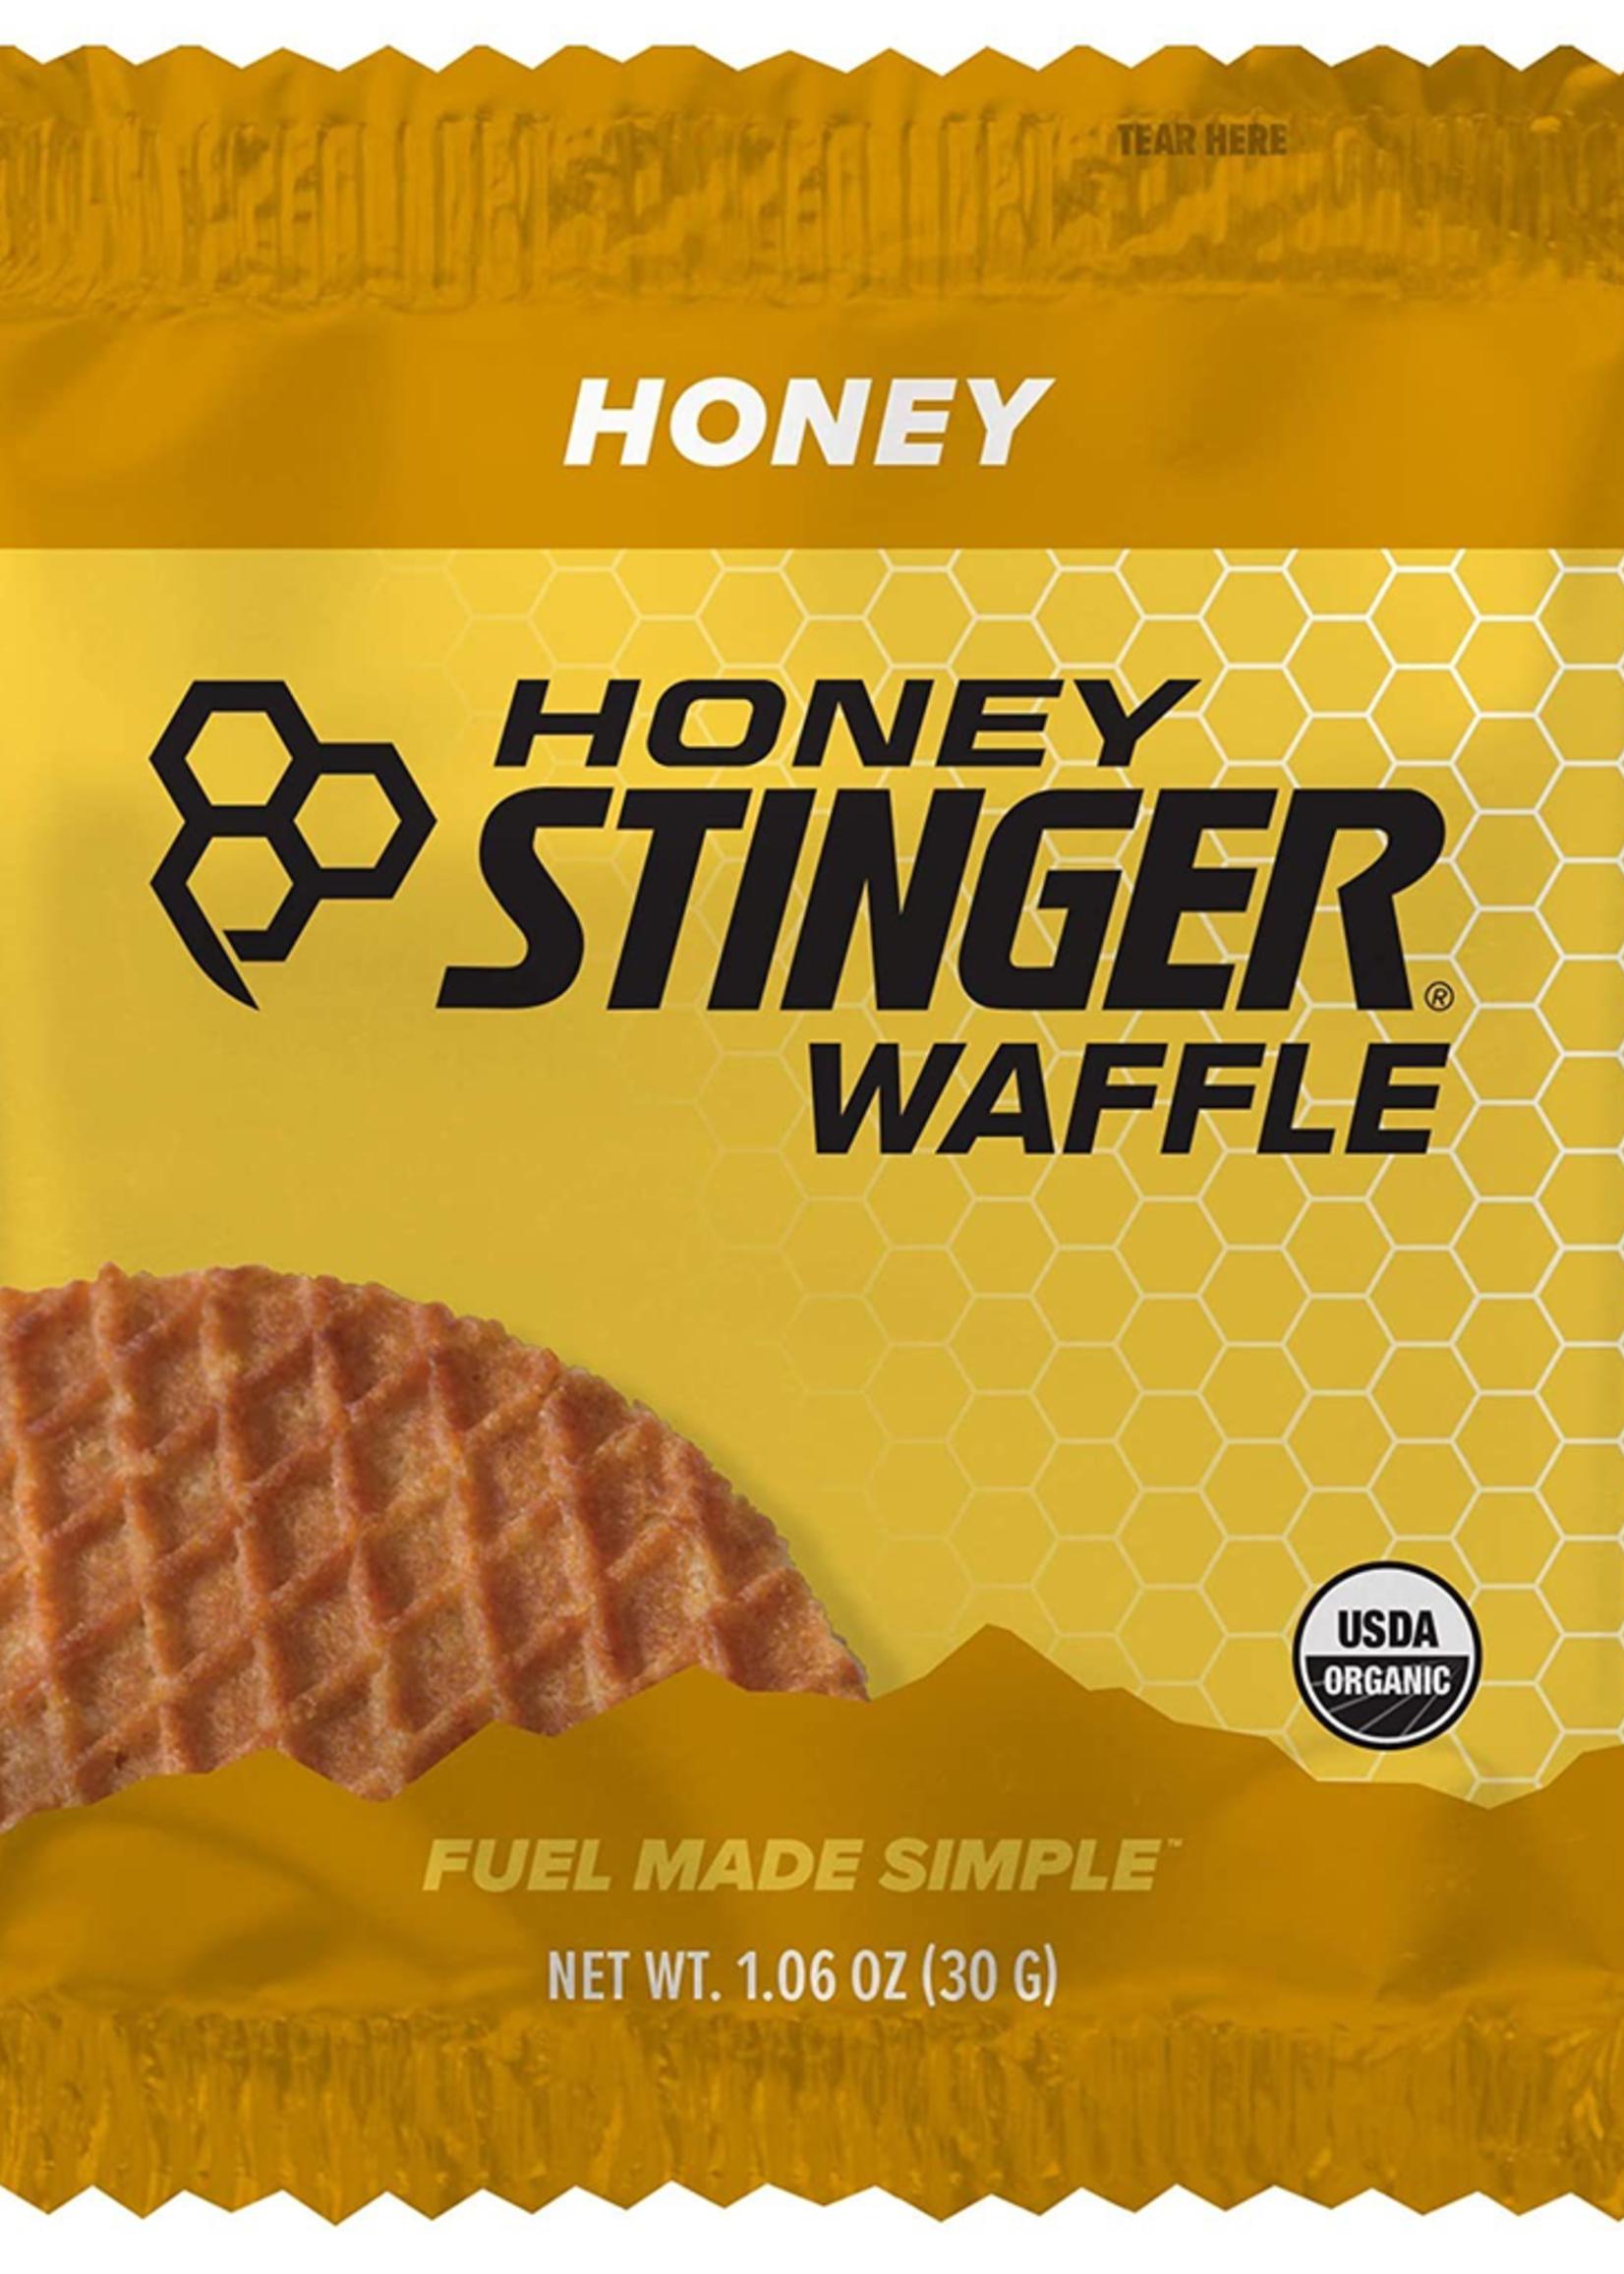 Honey Stin HONEY STINGER - WAFFLES